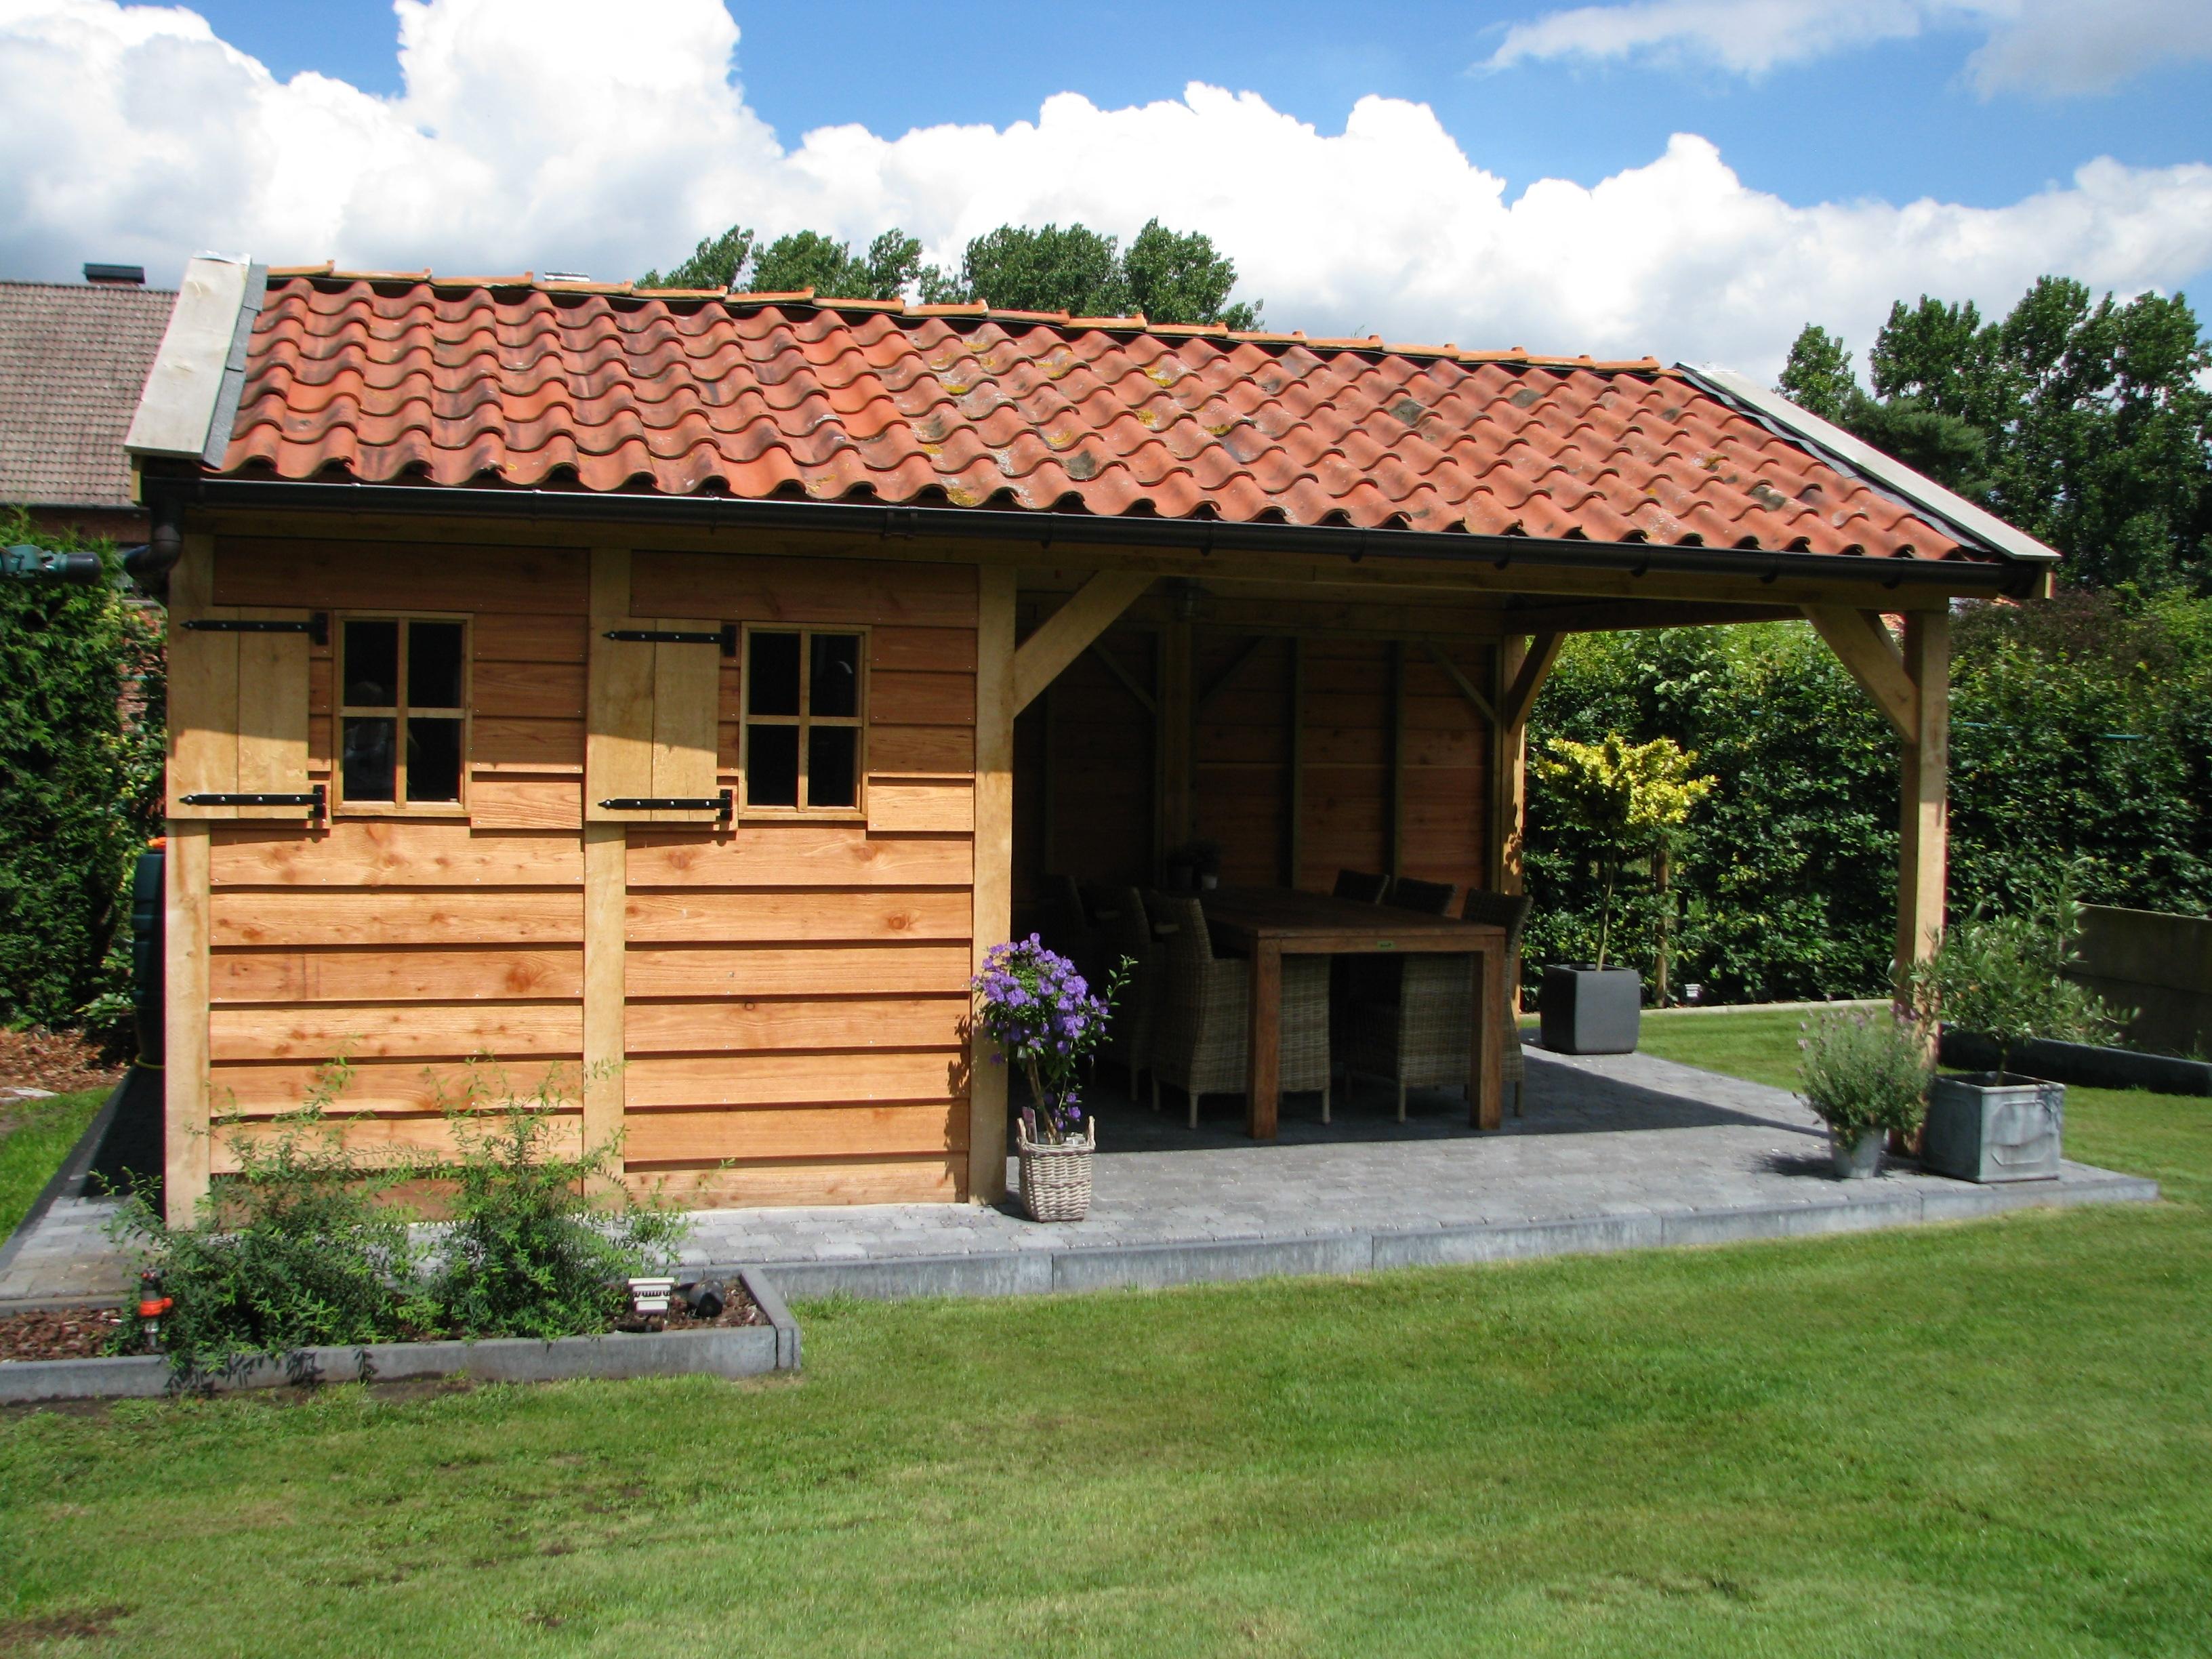 houten_bijgebouw_eiken_3 - Foto's van gerealiseerde tuinhuis met veranda in België.